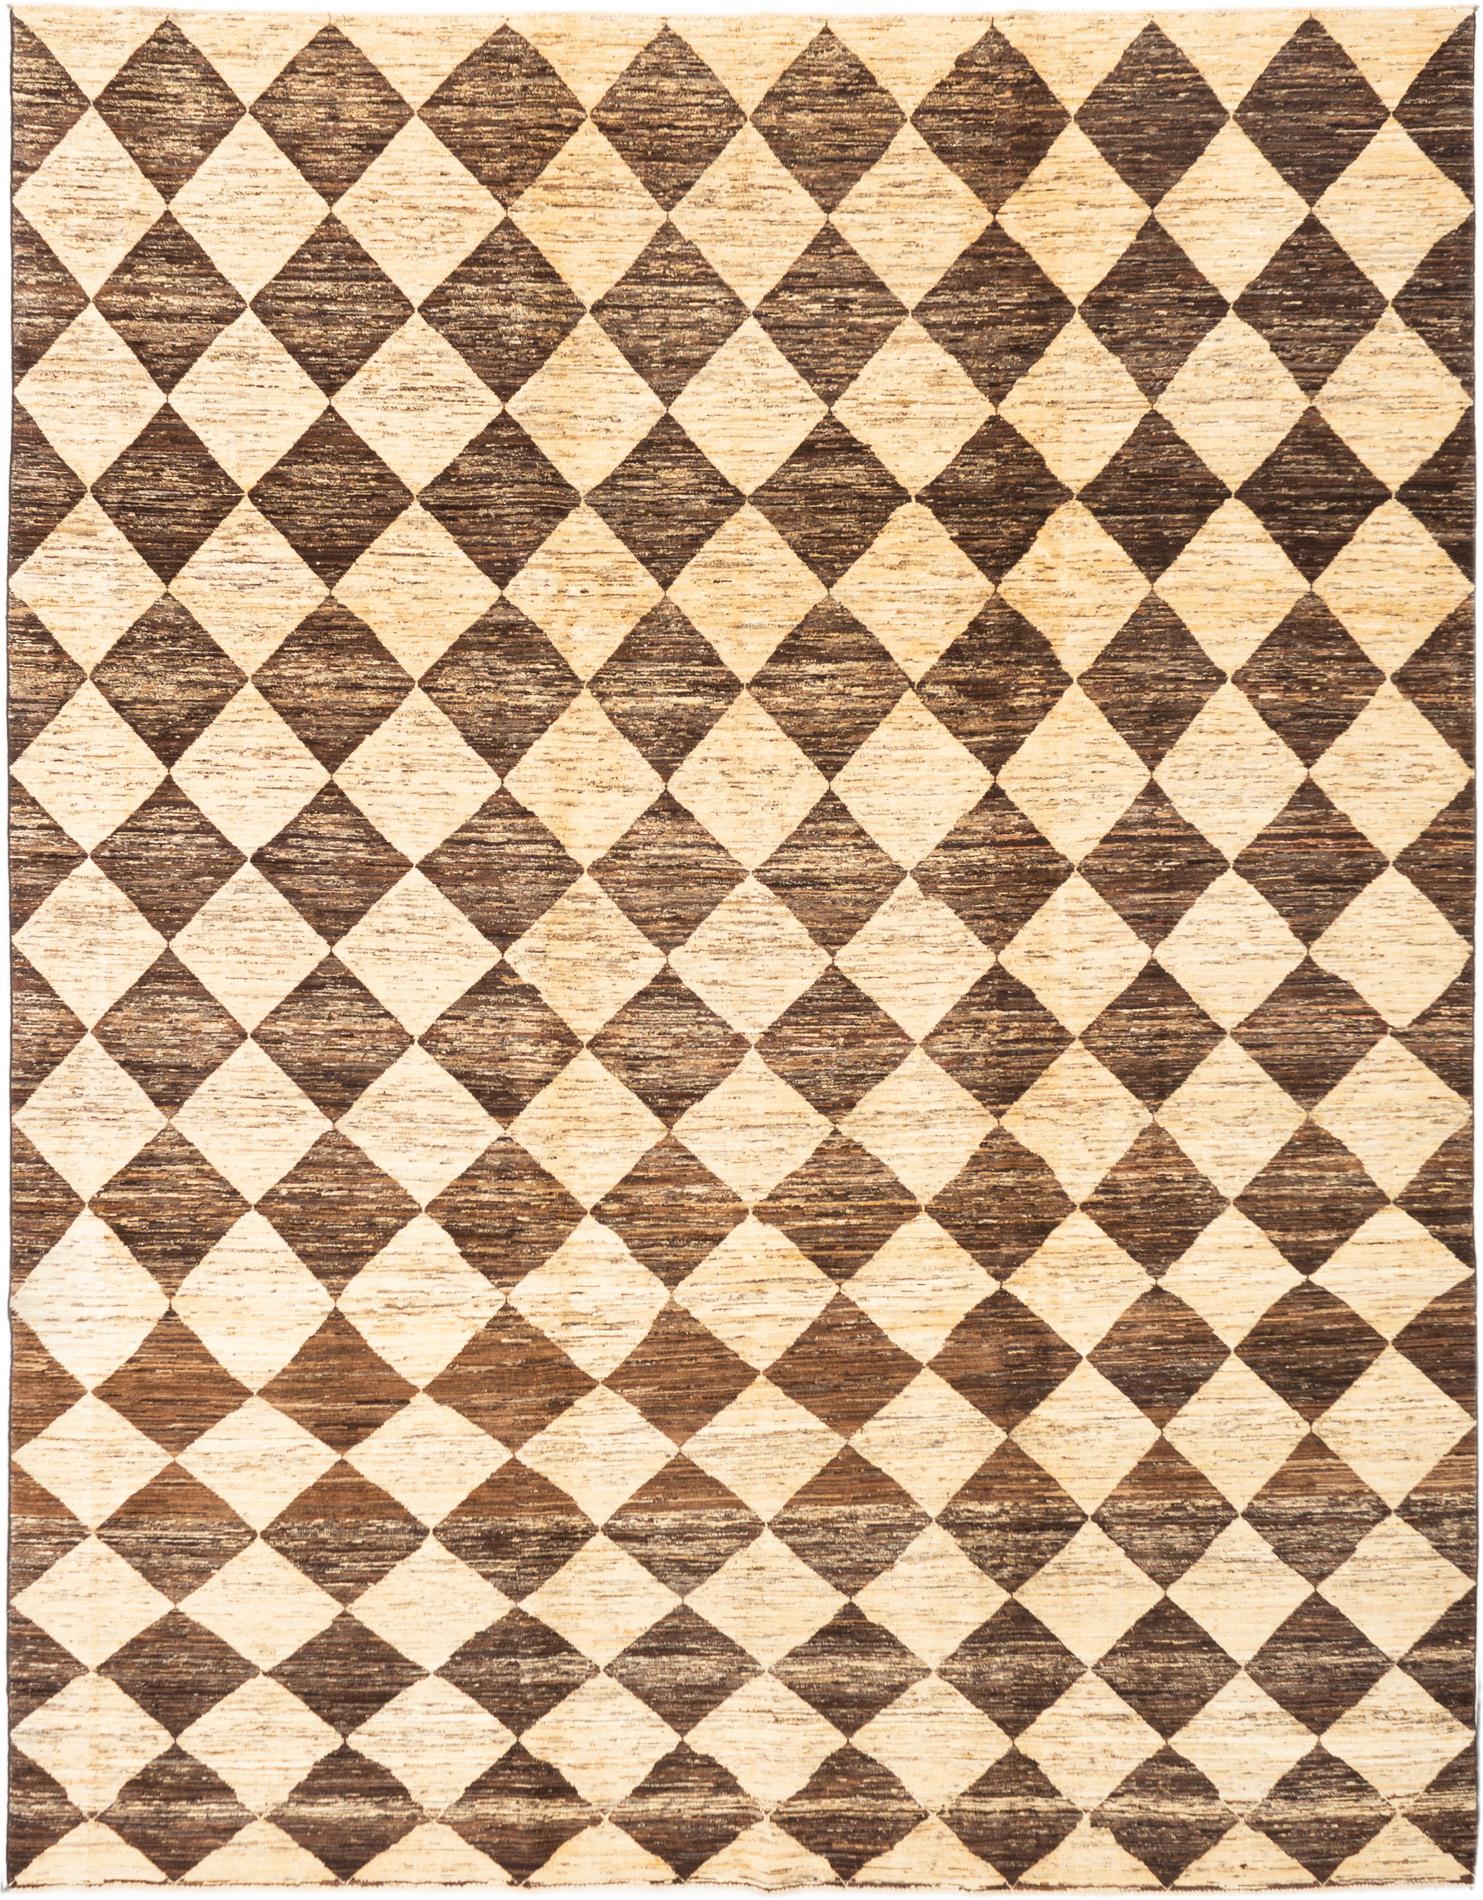 """Hand-knotted Finest Ziegler Chobi Cream, Dark Brown Wool Rug 8'10"""" x 11'3"""" Size: 8'10"""" x 11'3"""""""